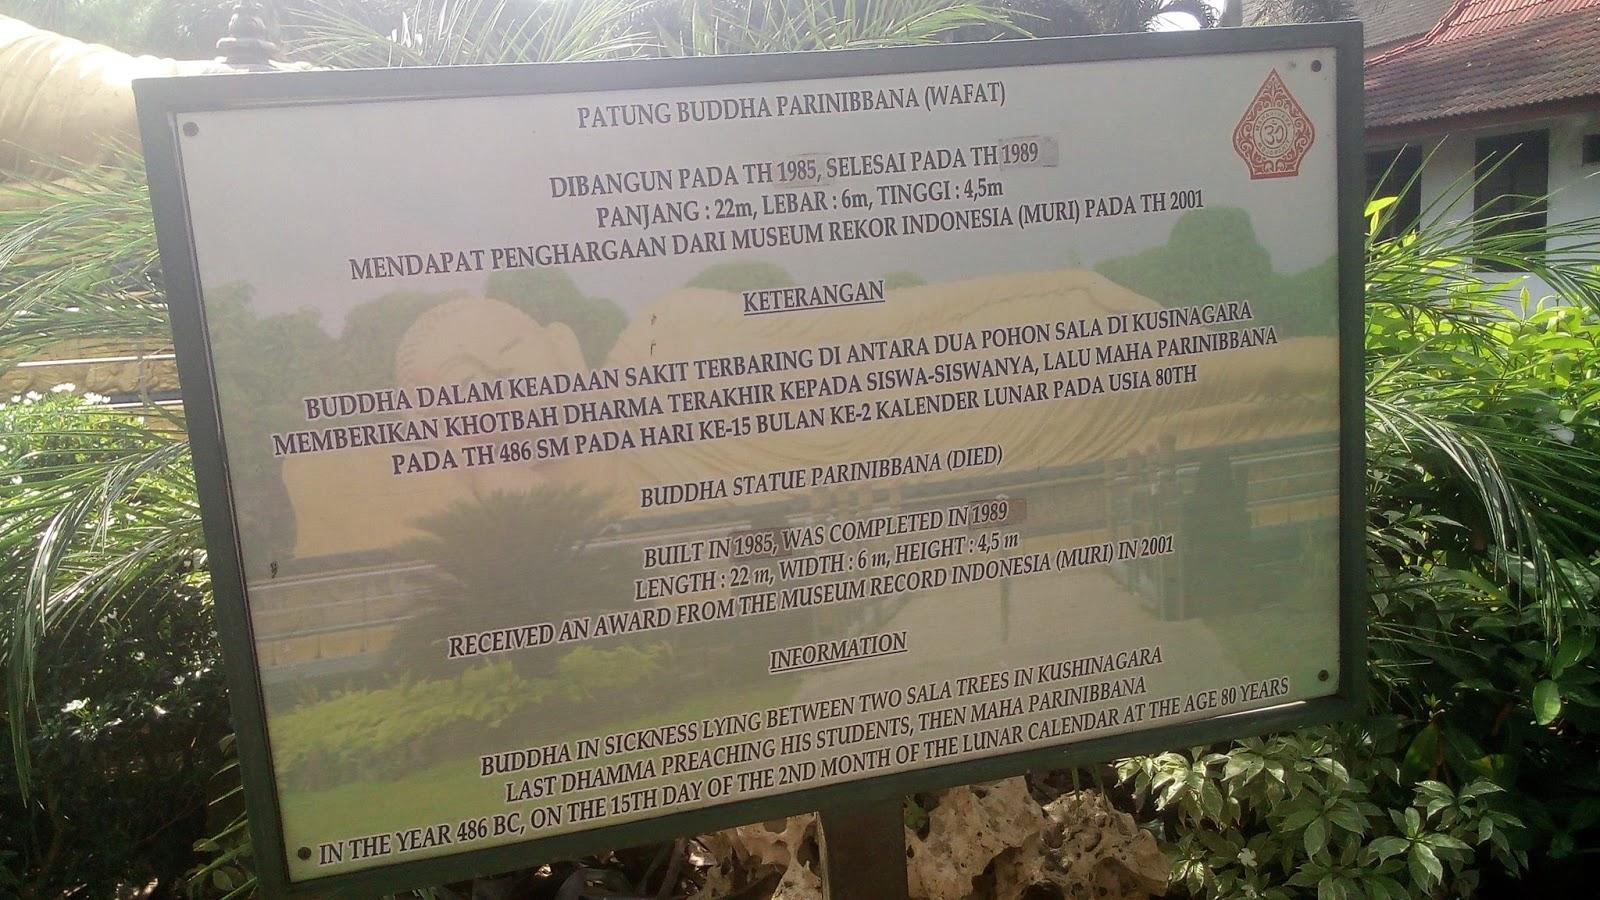 Berkunjung Maha Vihara Mojokerto Indonesia Punya Patung Buddha Tidur Dicat